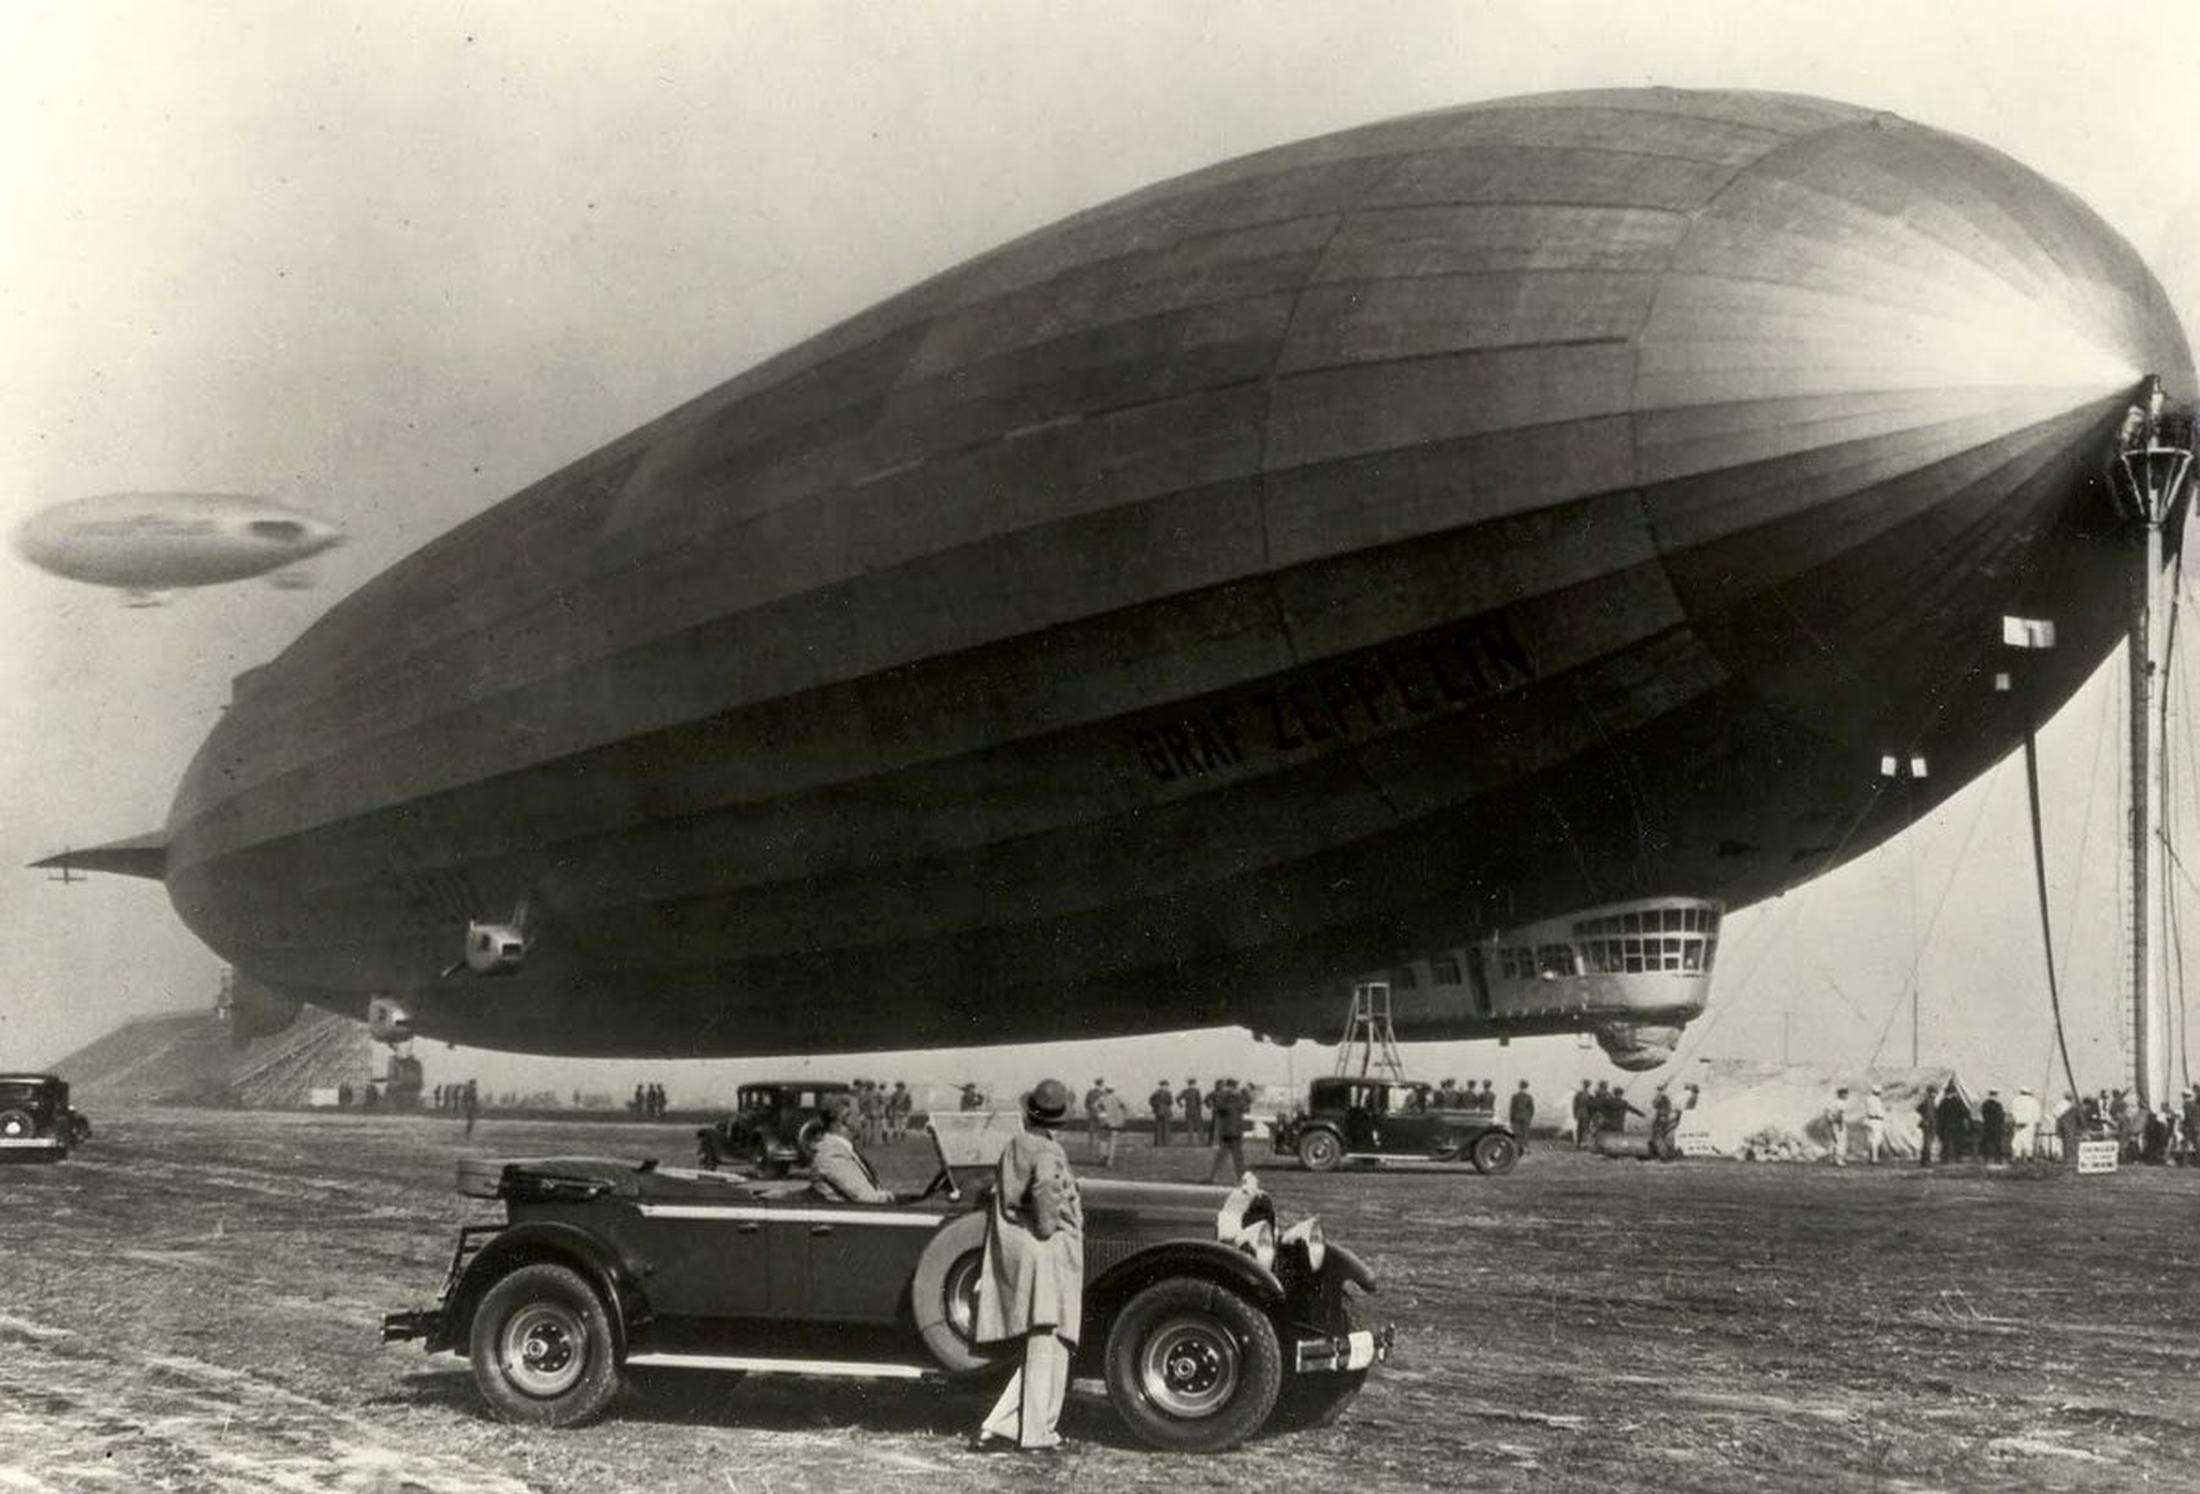 водород был использован в 1783 году в качестве наполнителя воздушного шара